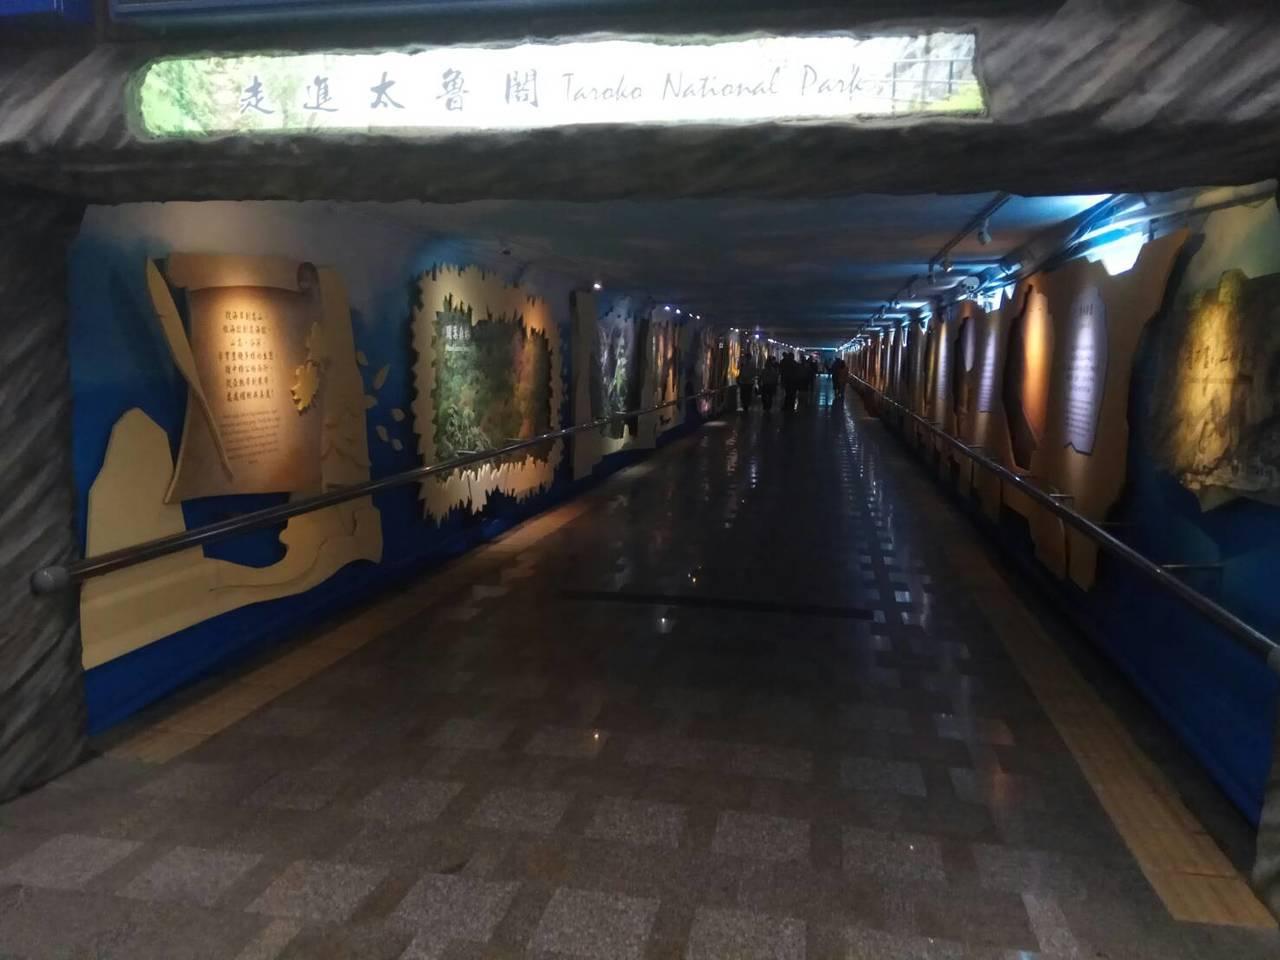 花蓮車站第3月台至後站大廳間的地下道,展示太魯閣國家公園的人文景緻風貌。記者徐庭...